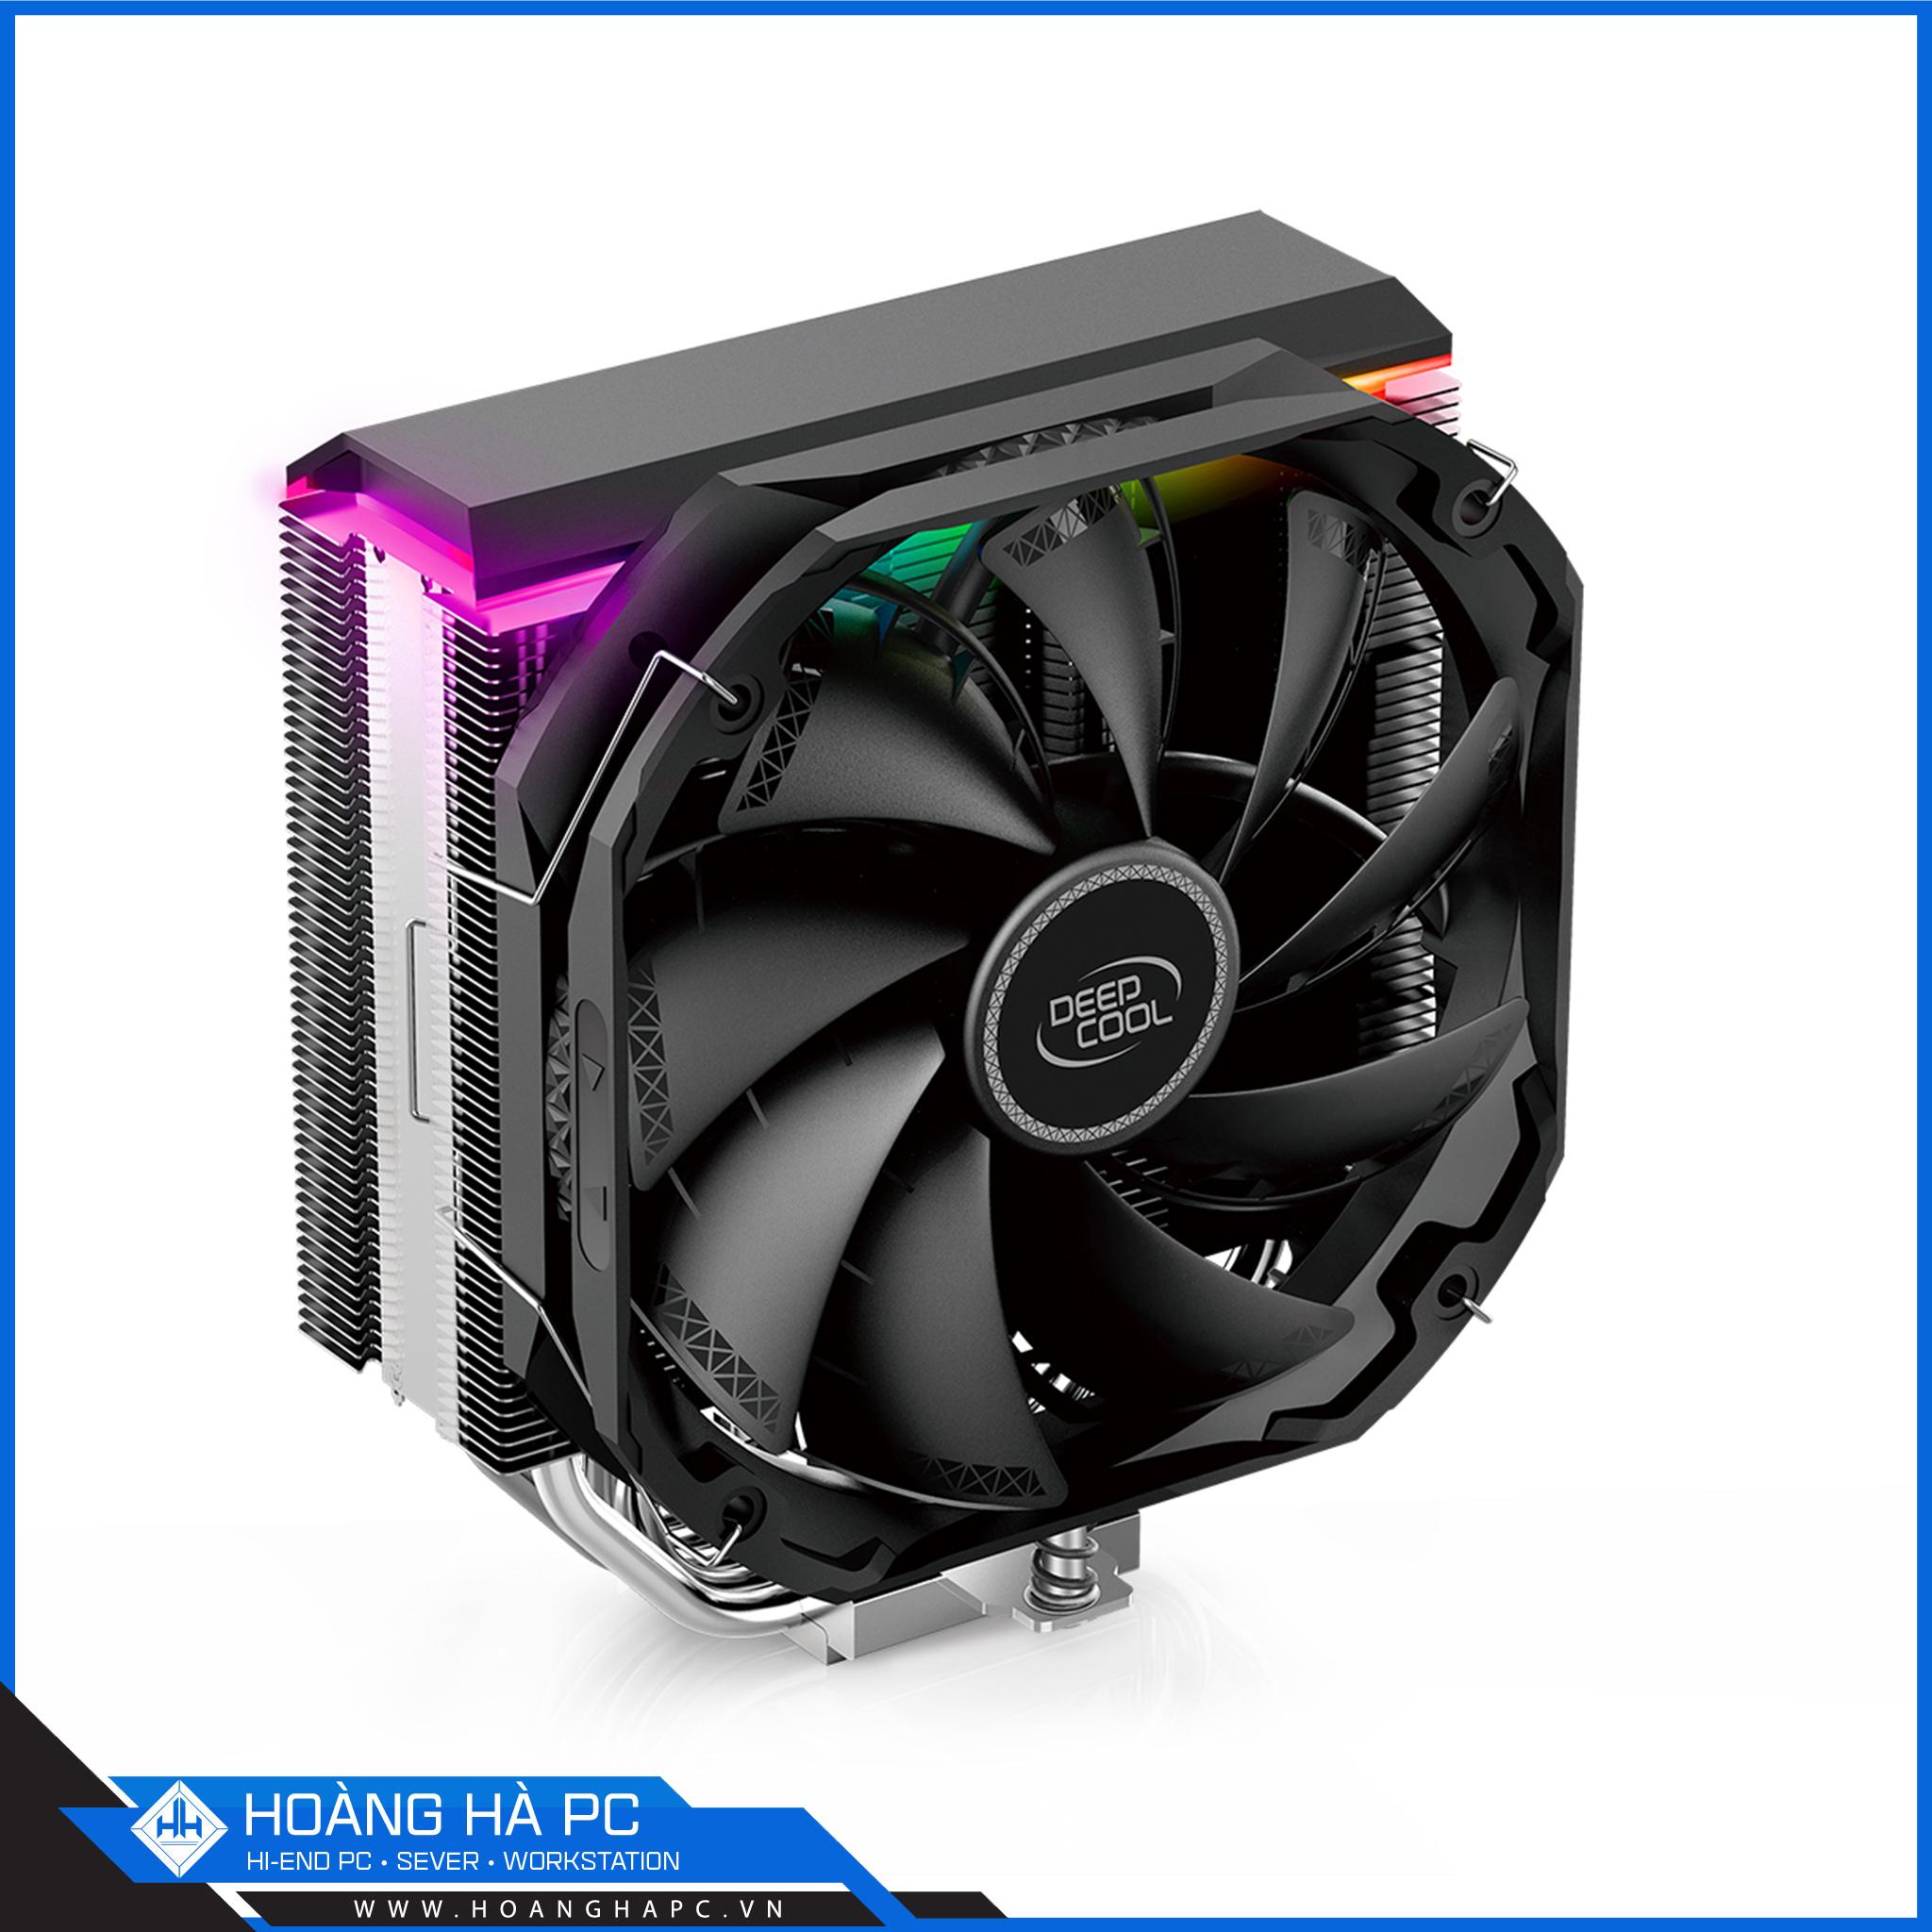 Lựa chọn bộ tản nhiệt phù hợp cho CPU nhờ thông số TDP